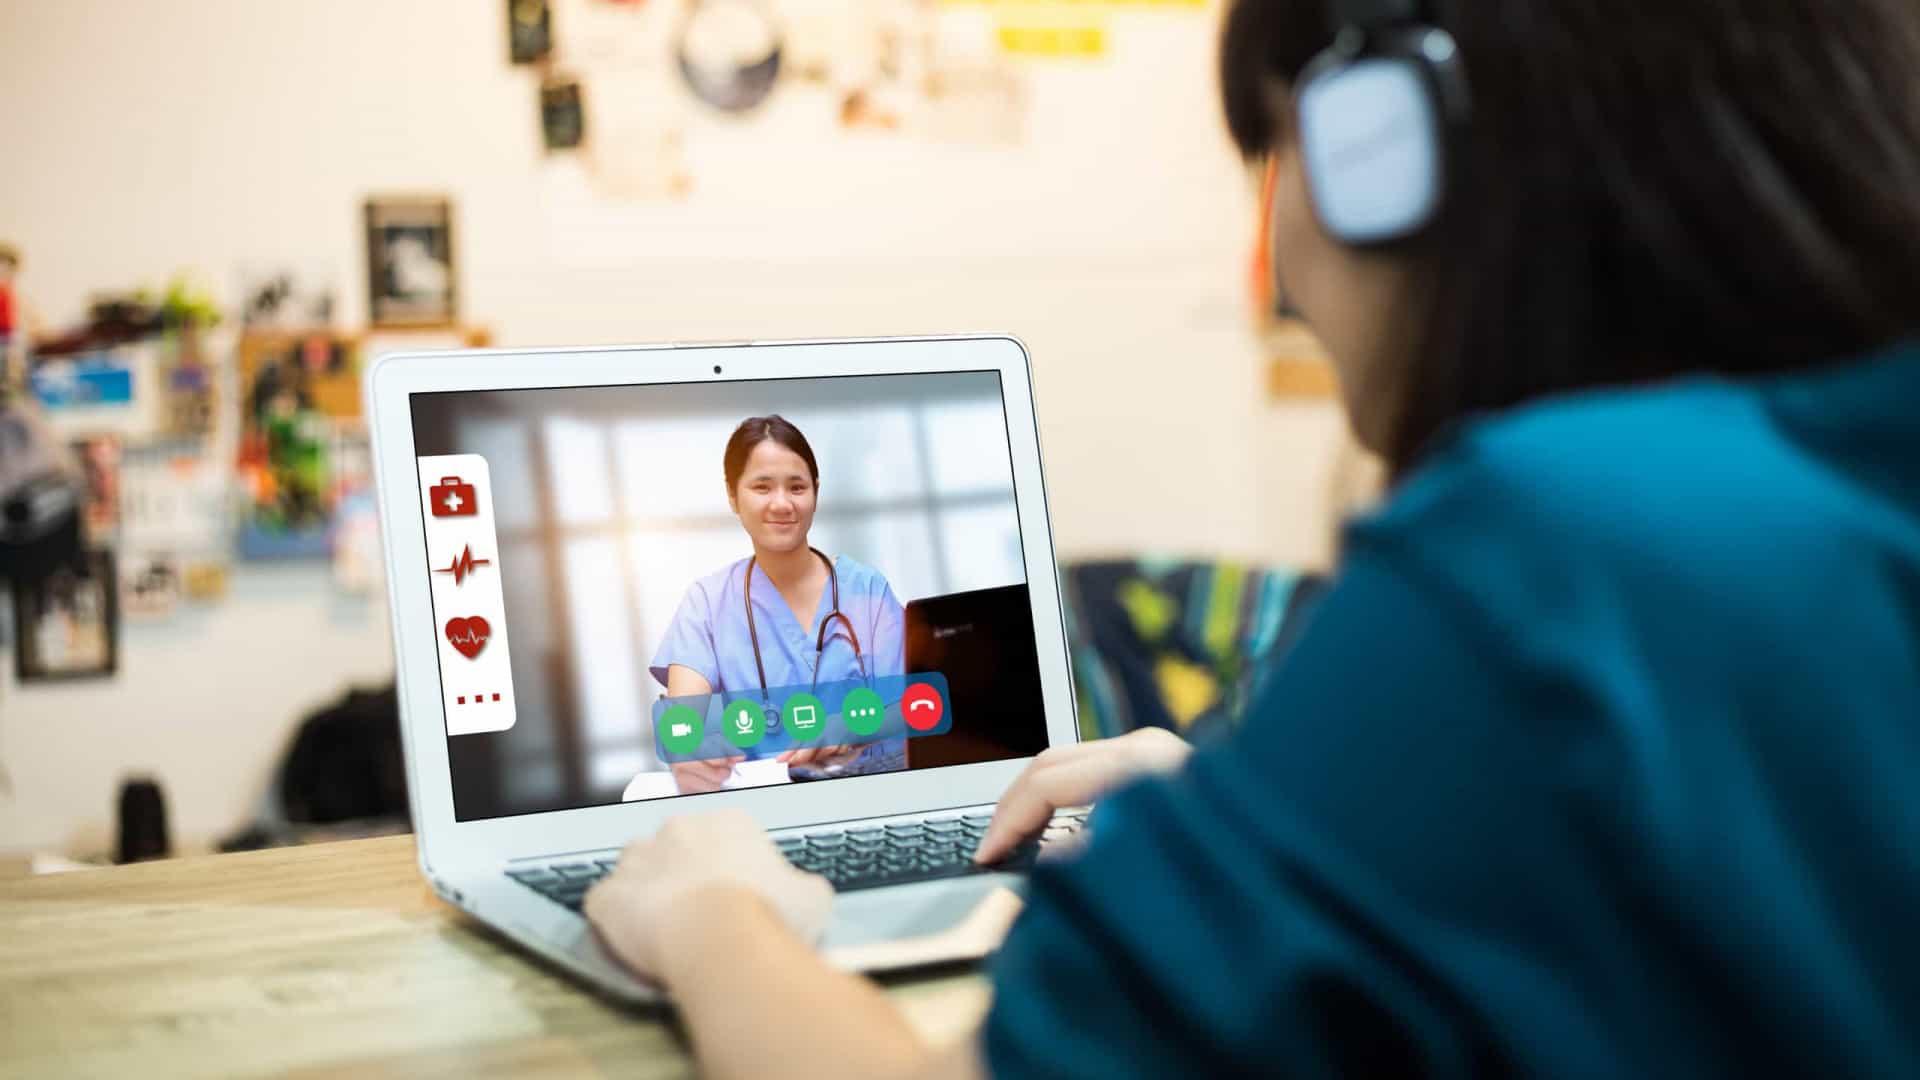 Uso de telemedicina cresce na pandemia, mas regulação enfrenta embates médicos